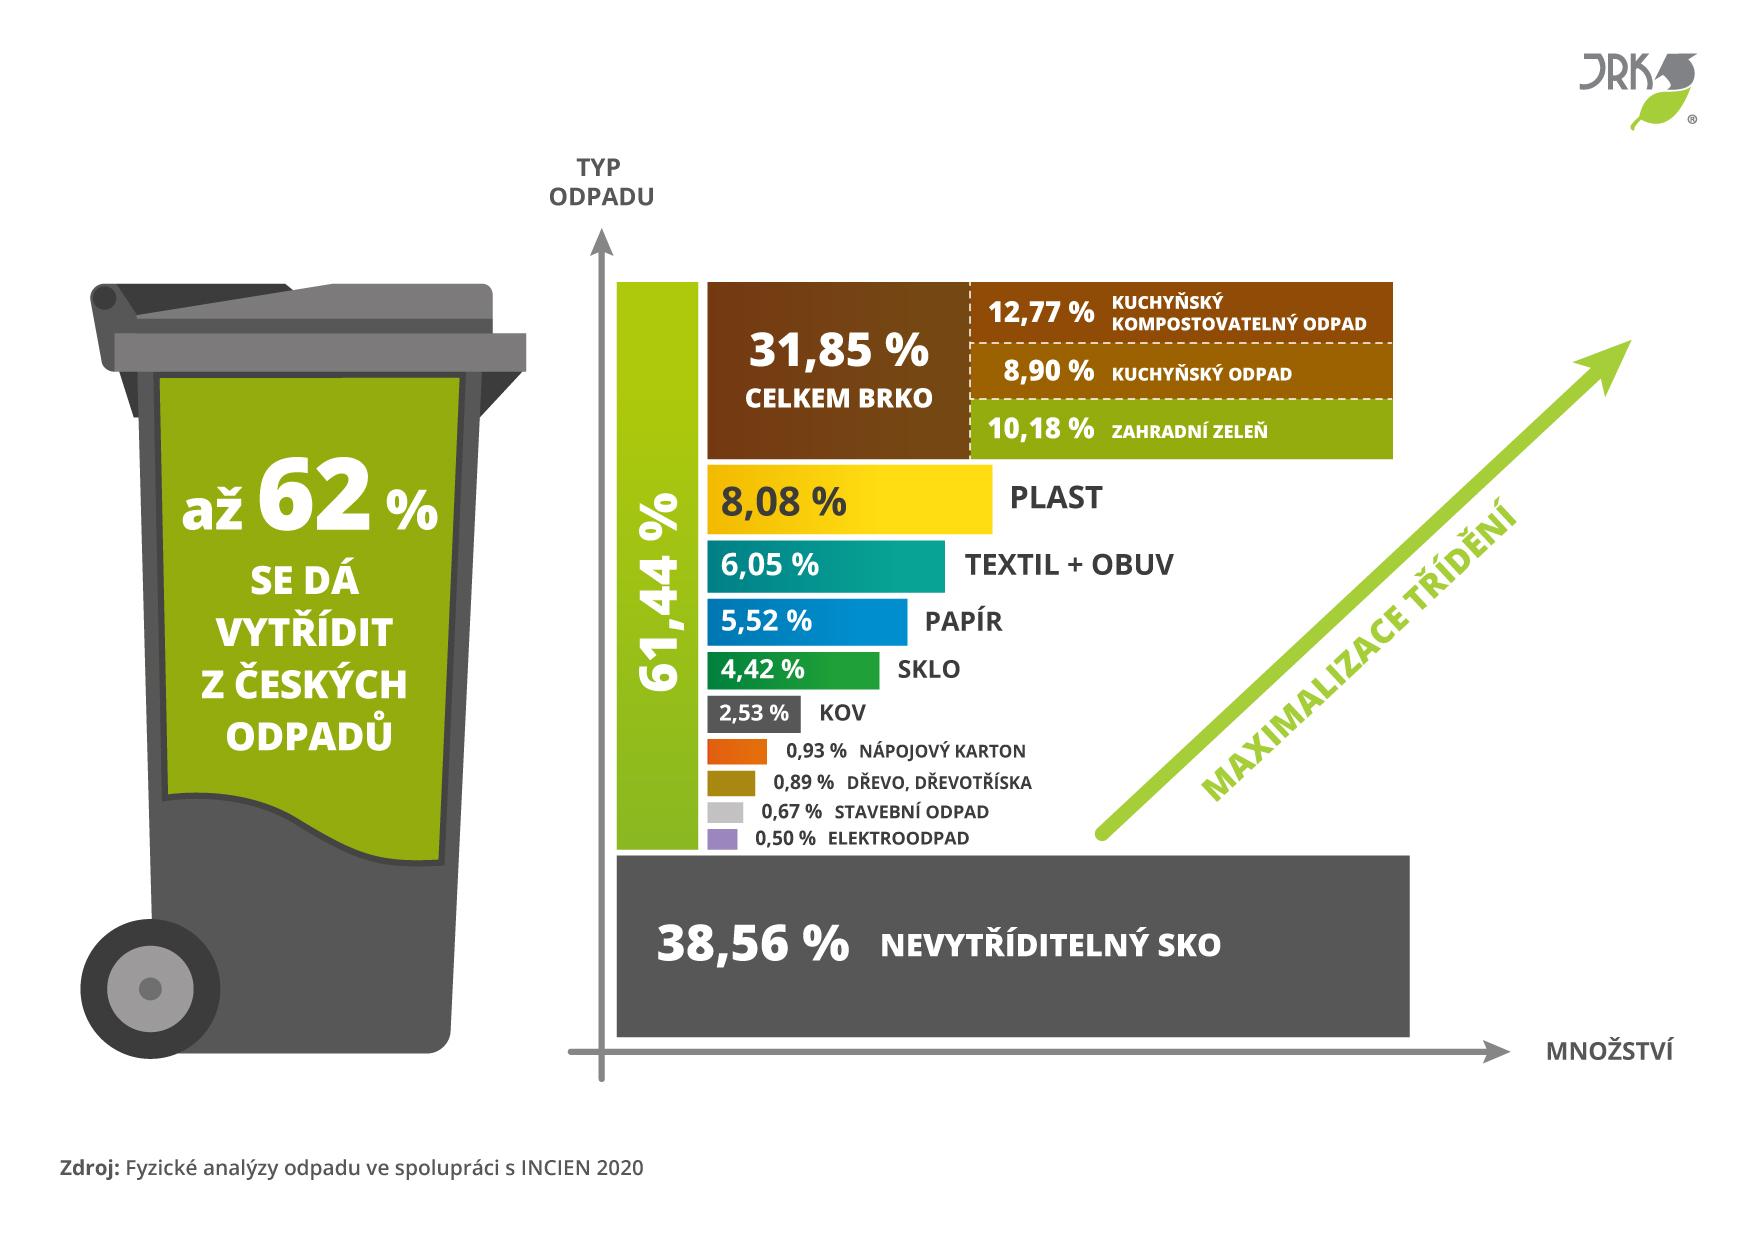 obsah nádoby na směsný komunální odpad